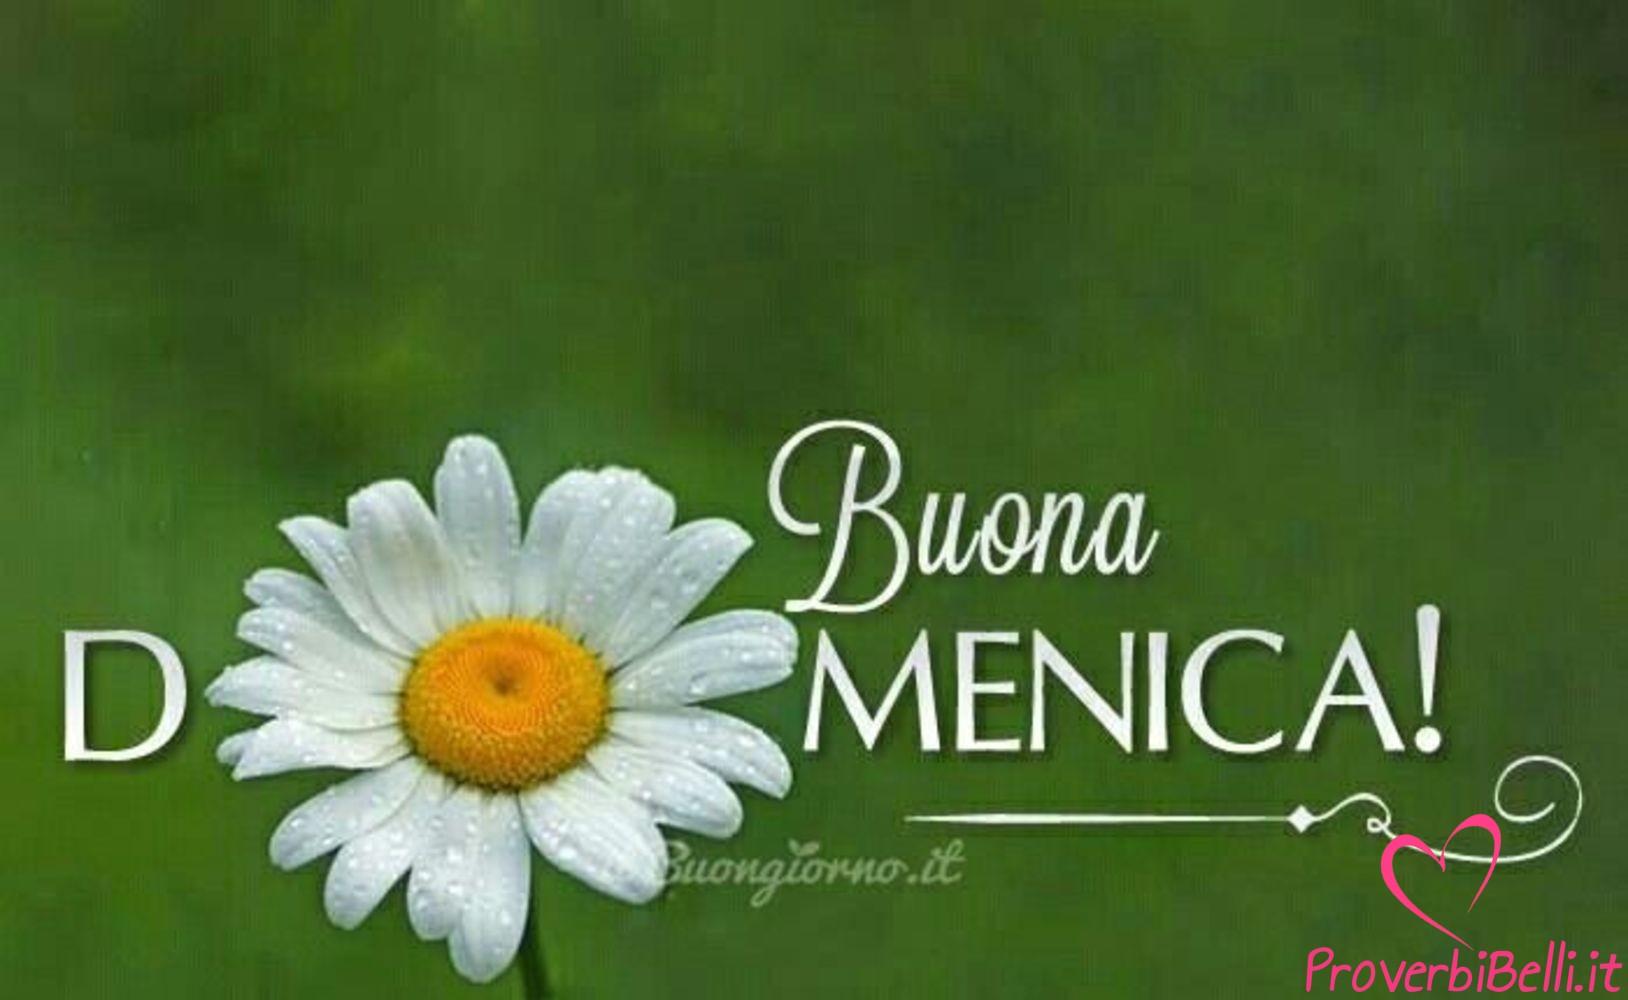 Buongiorno-Domenica-Immagini-Buona-per-Facebook-Whatsapp-766